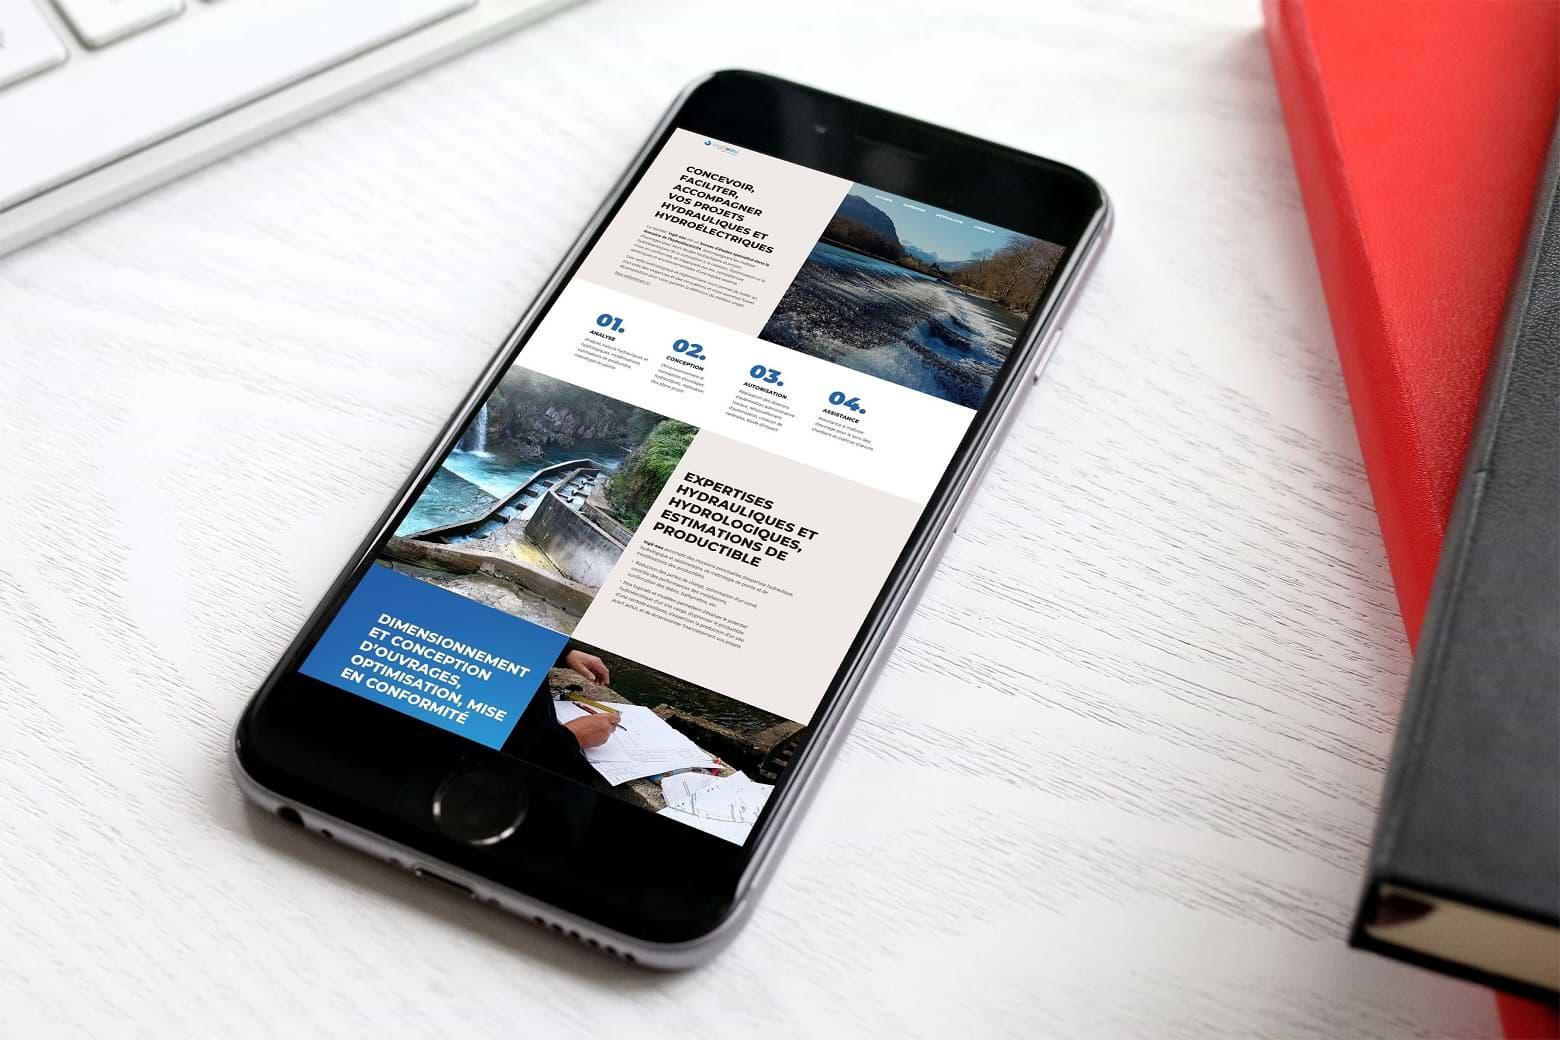 Création des supports de communication imprimés, du site mobile et du logotype ingé-eau, ingénierie écologique, maîtrise d'oeuvre hydroélectricité, énergie hydraulique, énergies renouvelables - Environnement, énergie